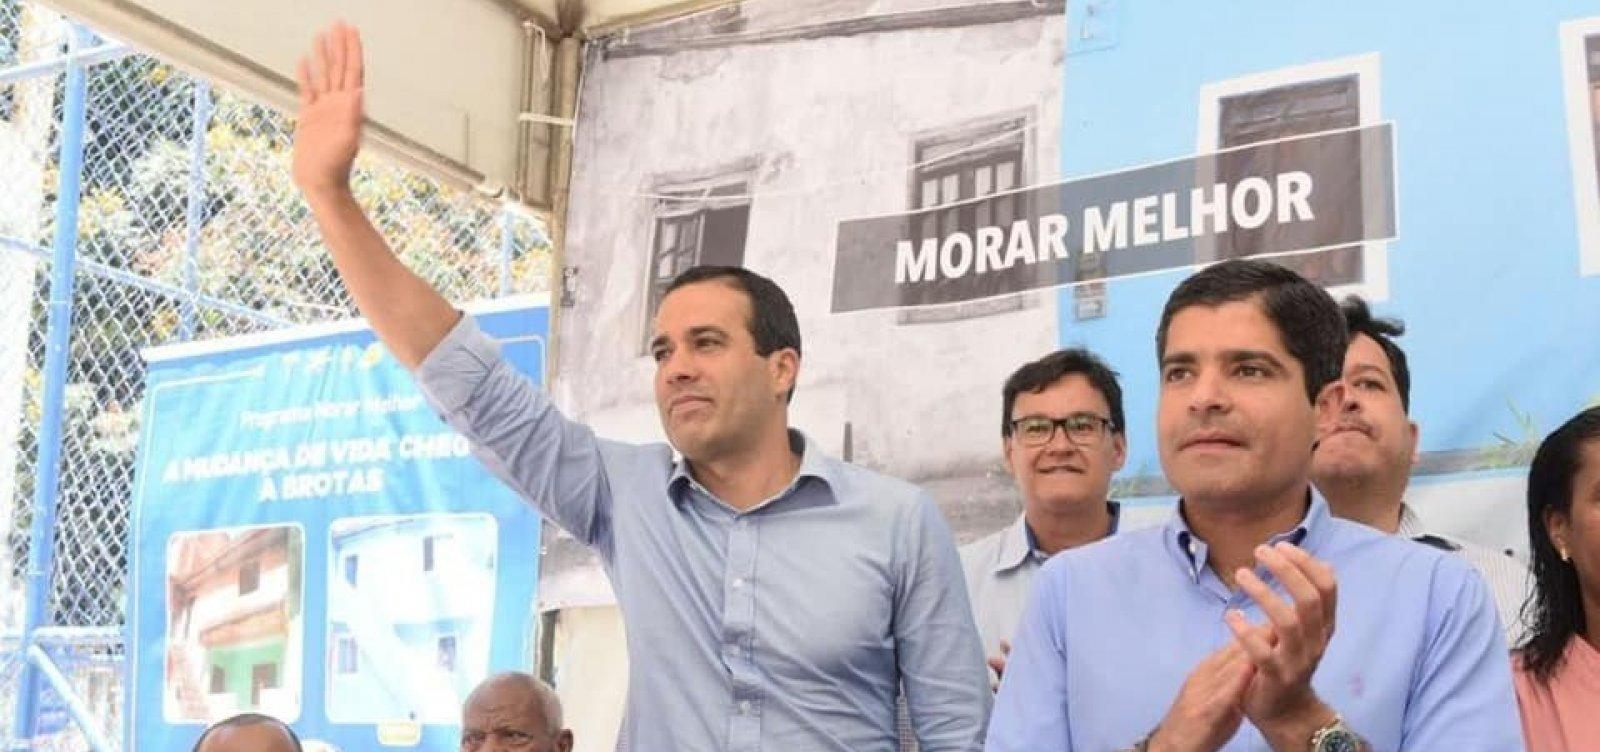 ACM Neto coloca vice-prefeito à frente de inaugurações